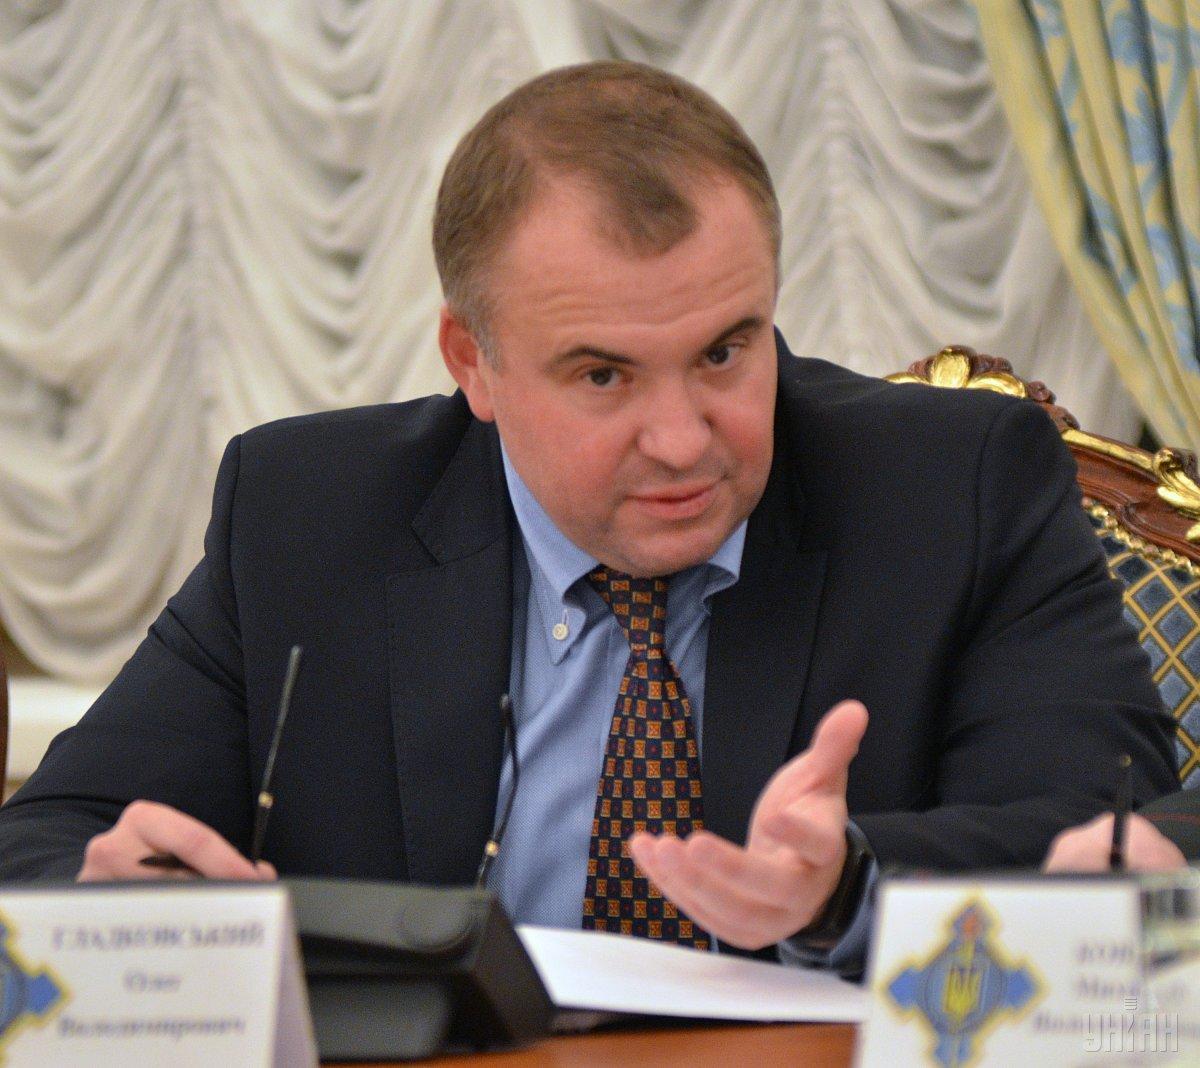 Олега Гладковского журналисты называют другом нынешнего президента Петра Порошенко / УНИАН